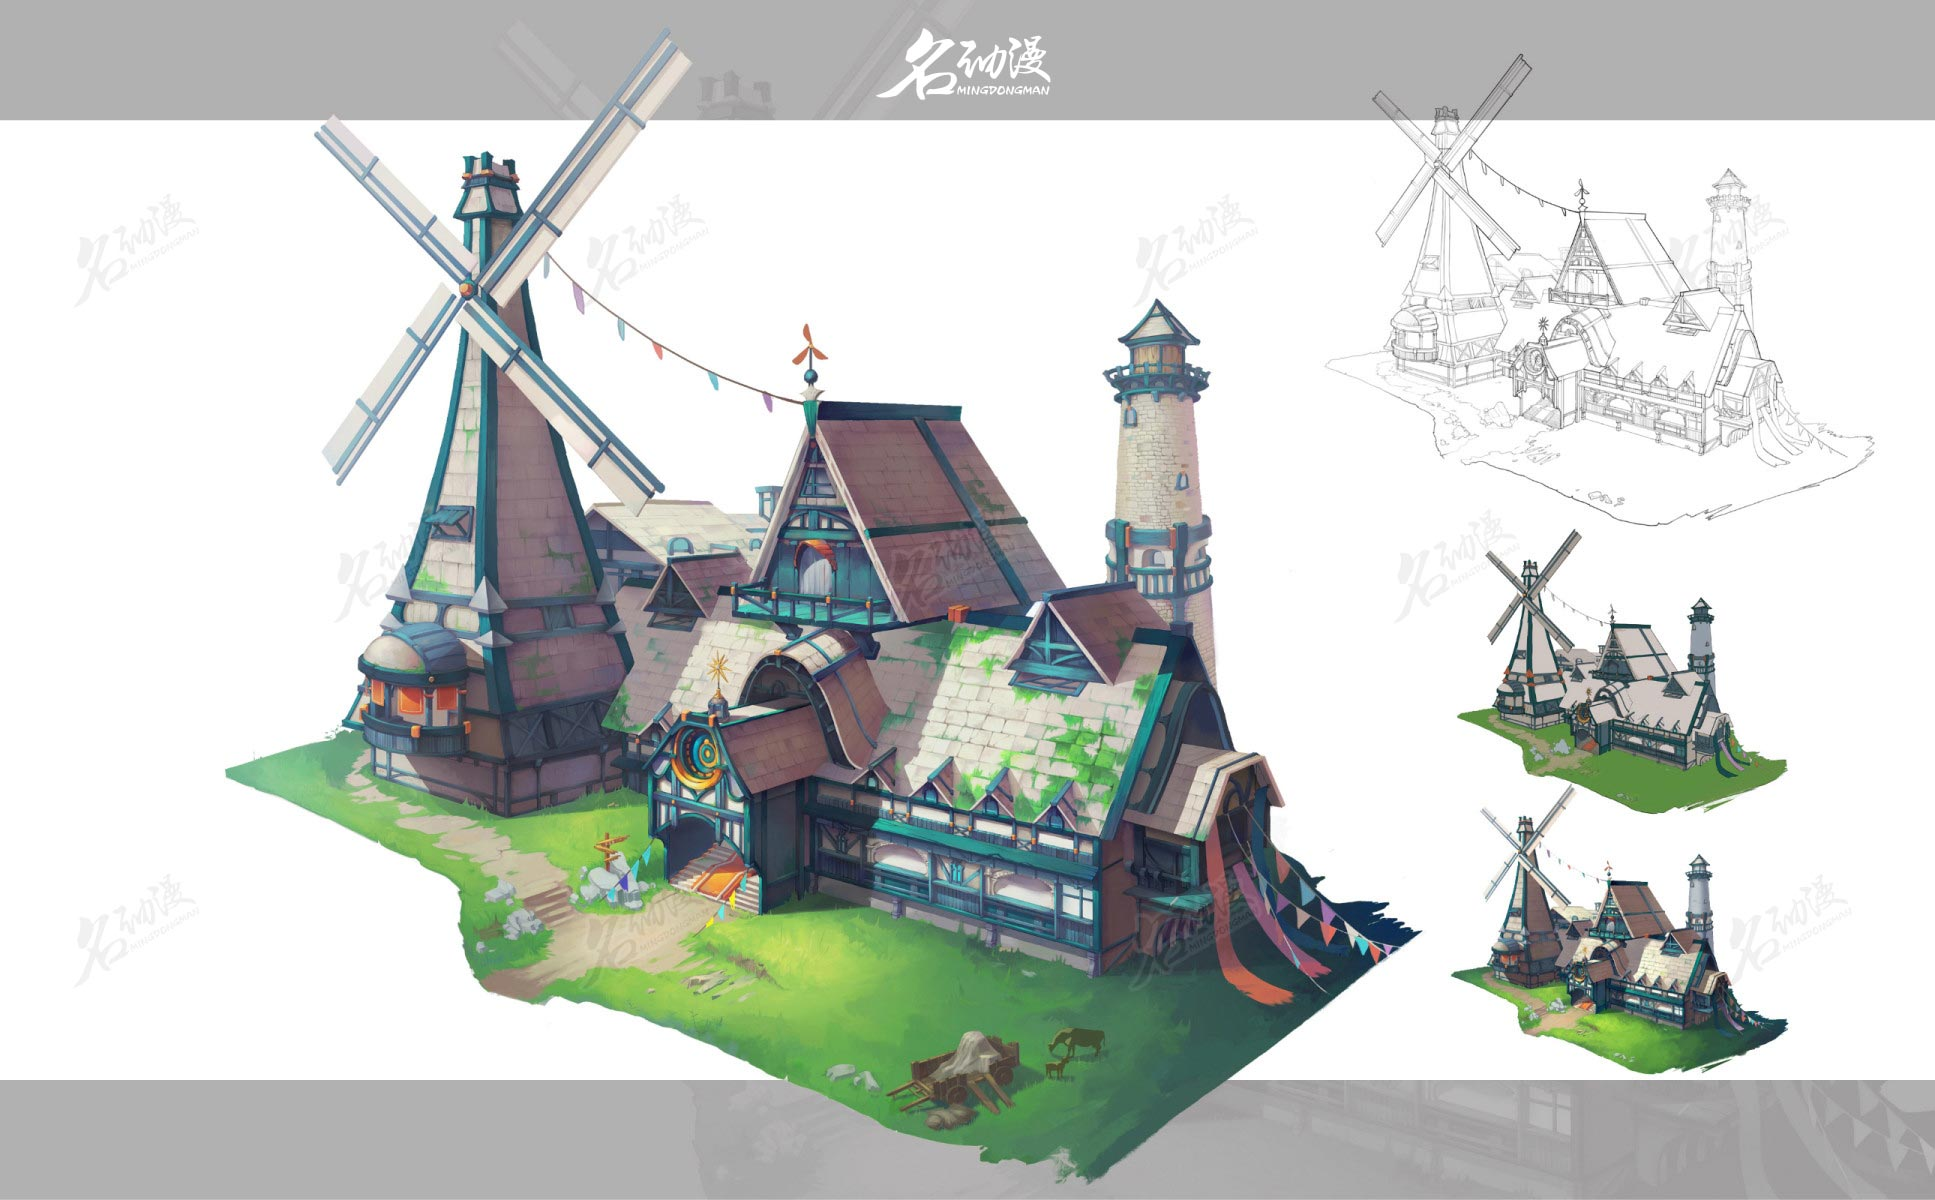 风车韩风建筑设计